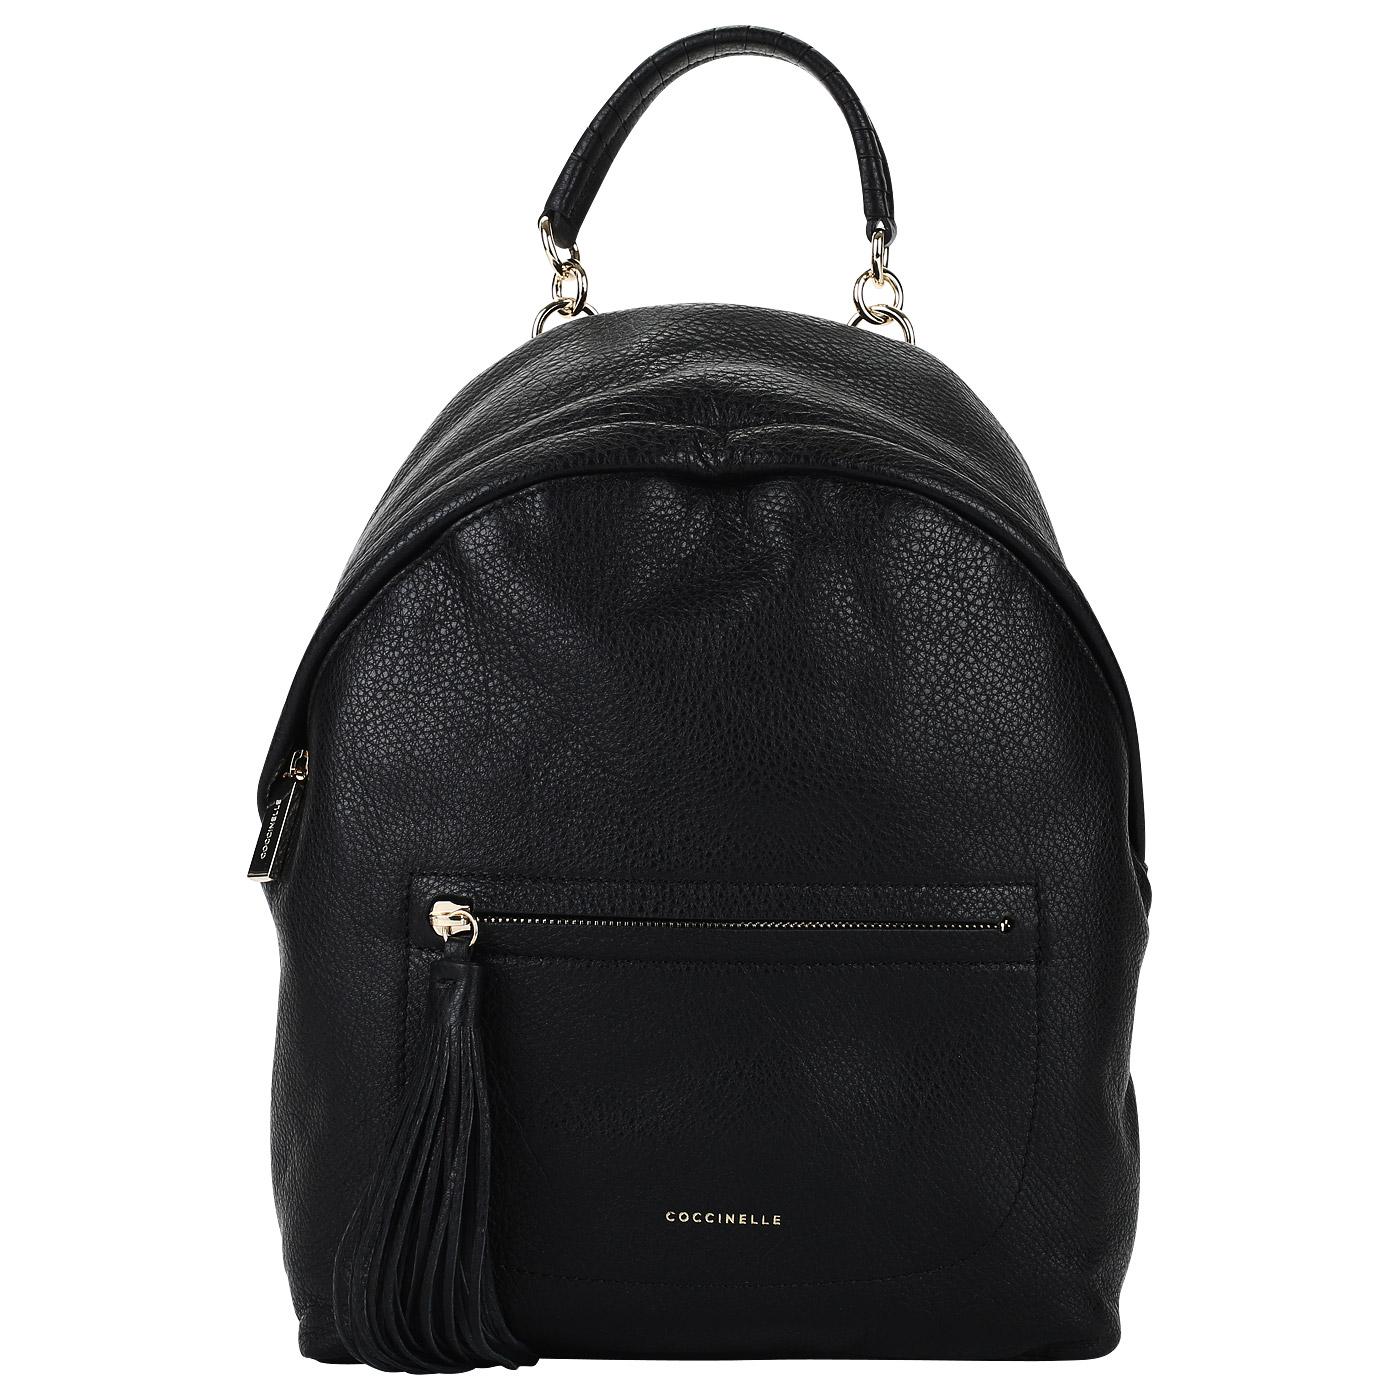 2c267728cae1 Черный женский рюкзак из натуральной кожи Coccinelle Leonie BN0 14 ...